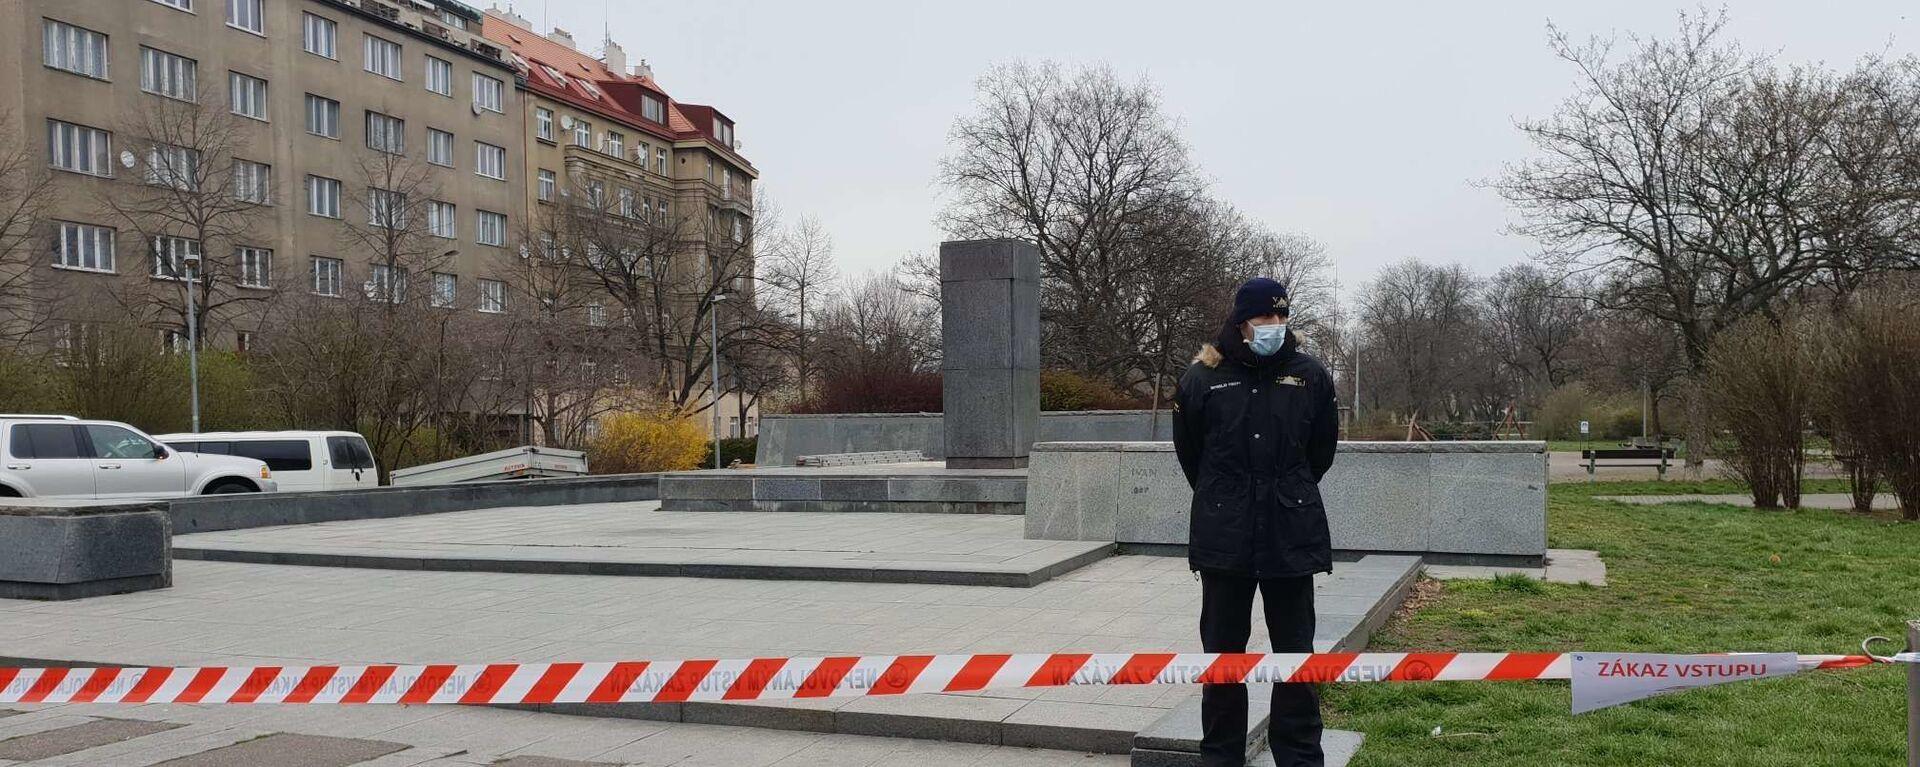 Místo, kde dříve stál pomník Koněva v Praze-6 - Sputnik Česká republika, 1920, 27.01.2021